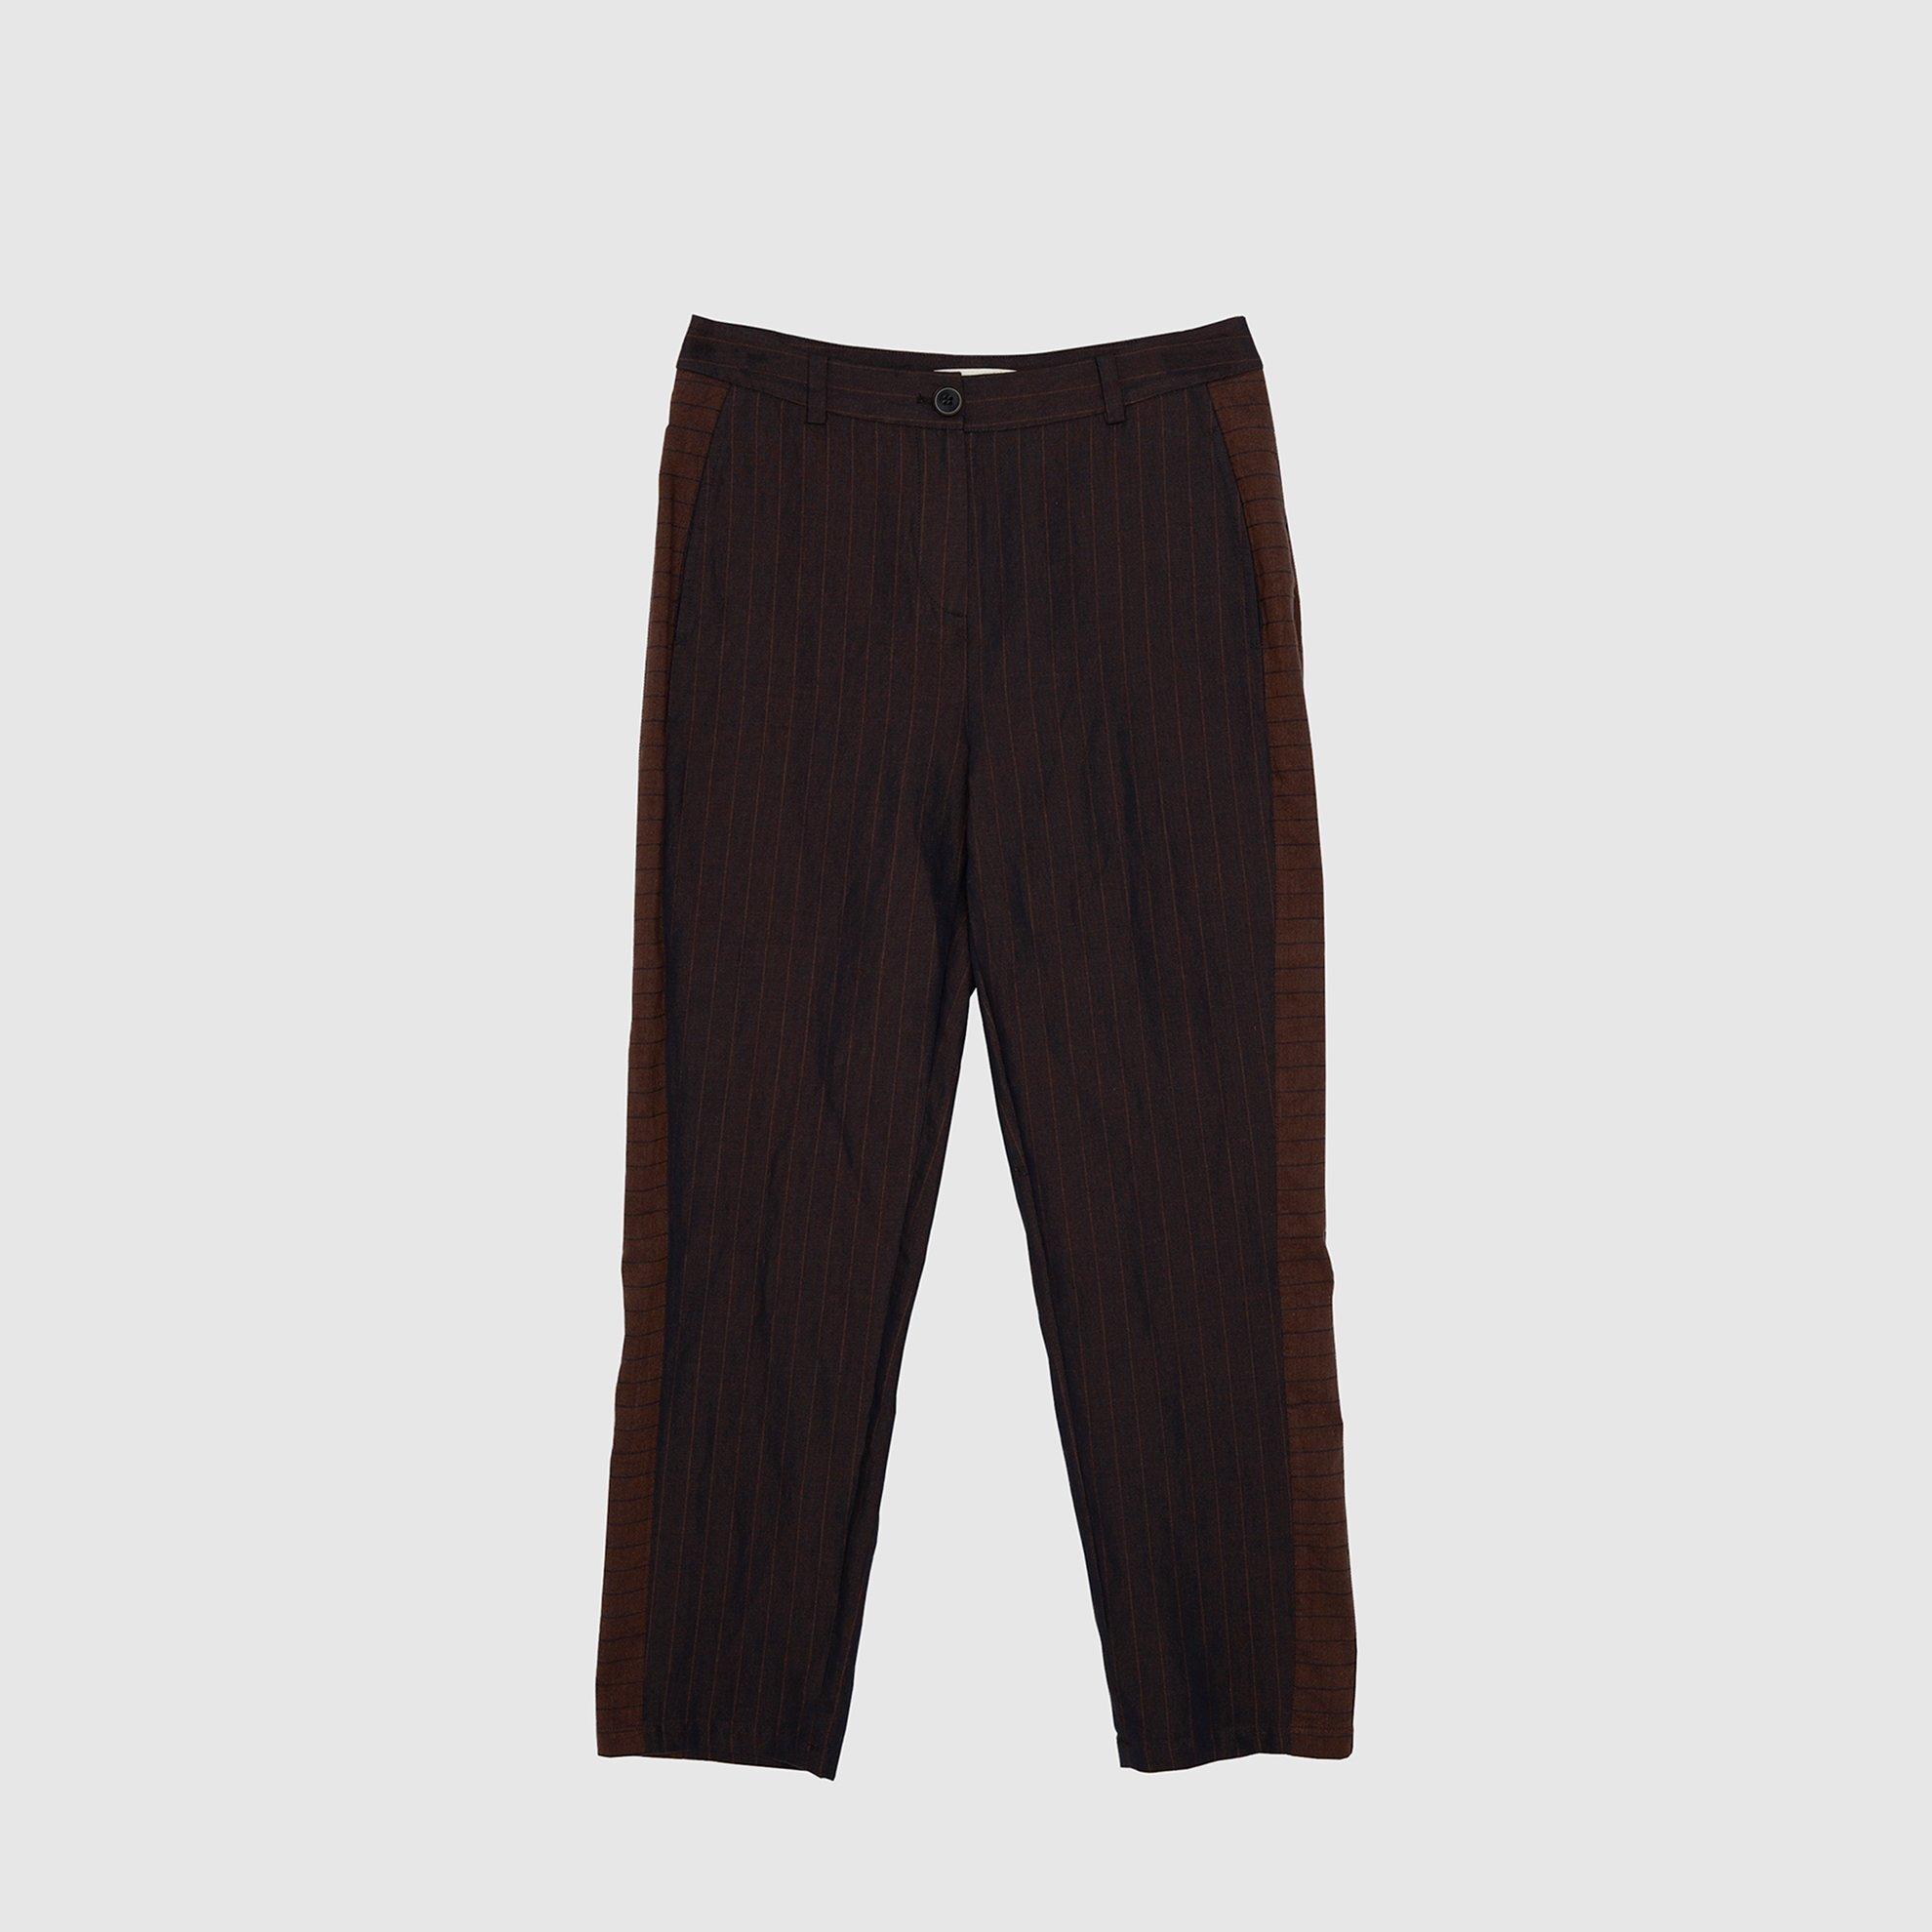 Grogren Detaylı Pantolon